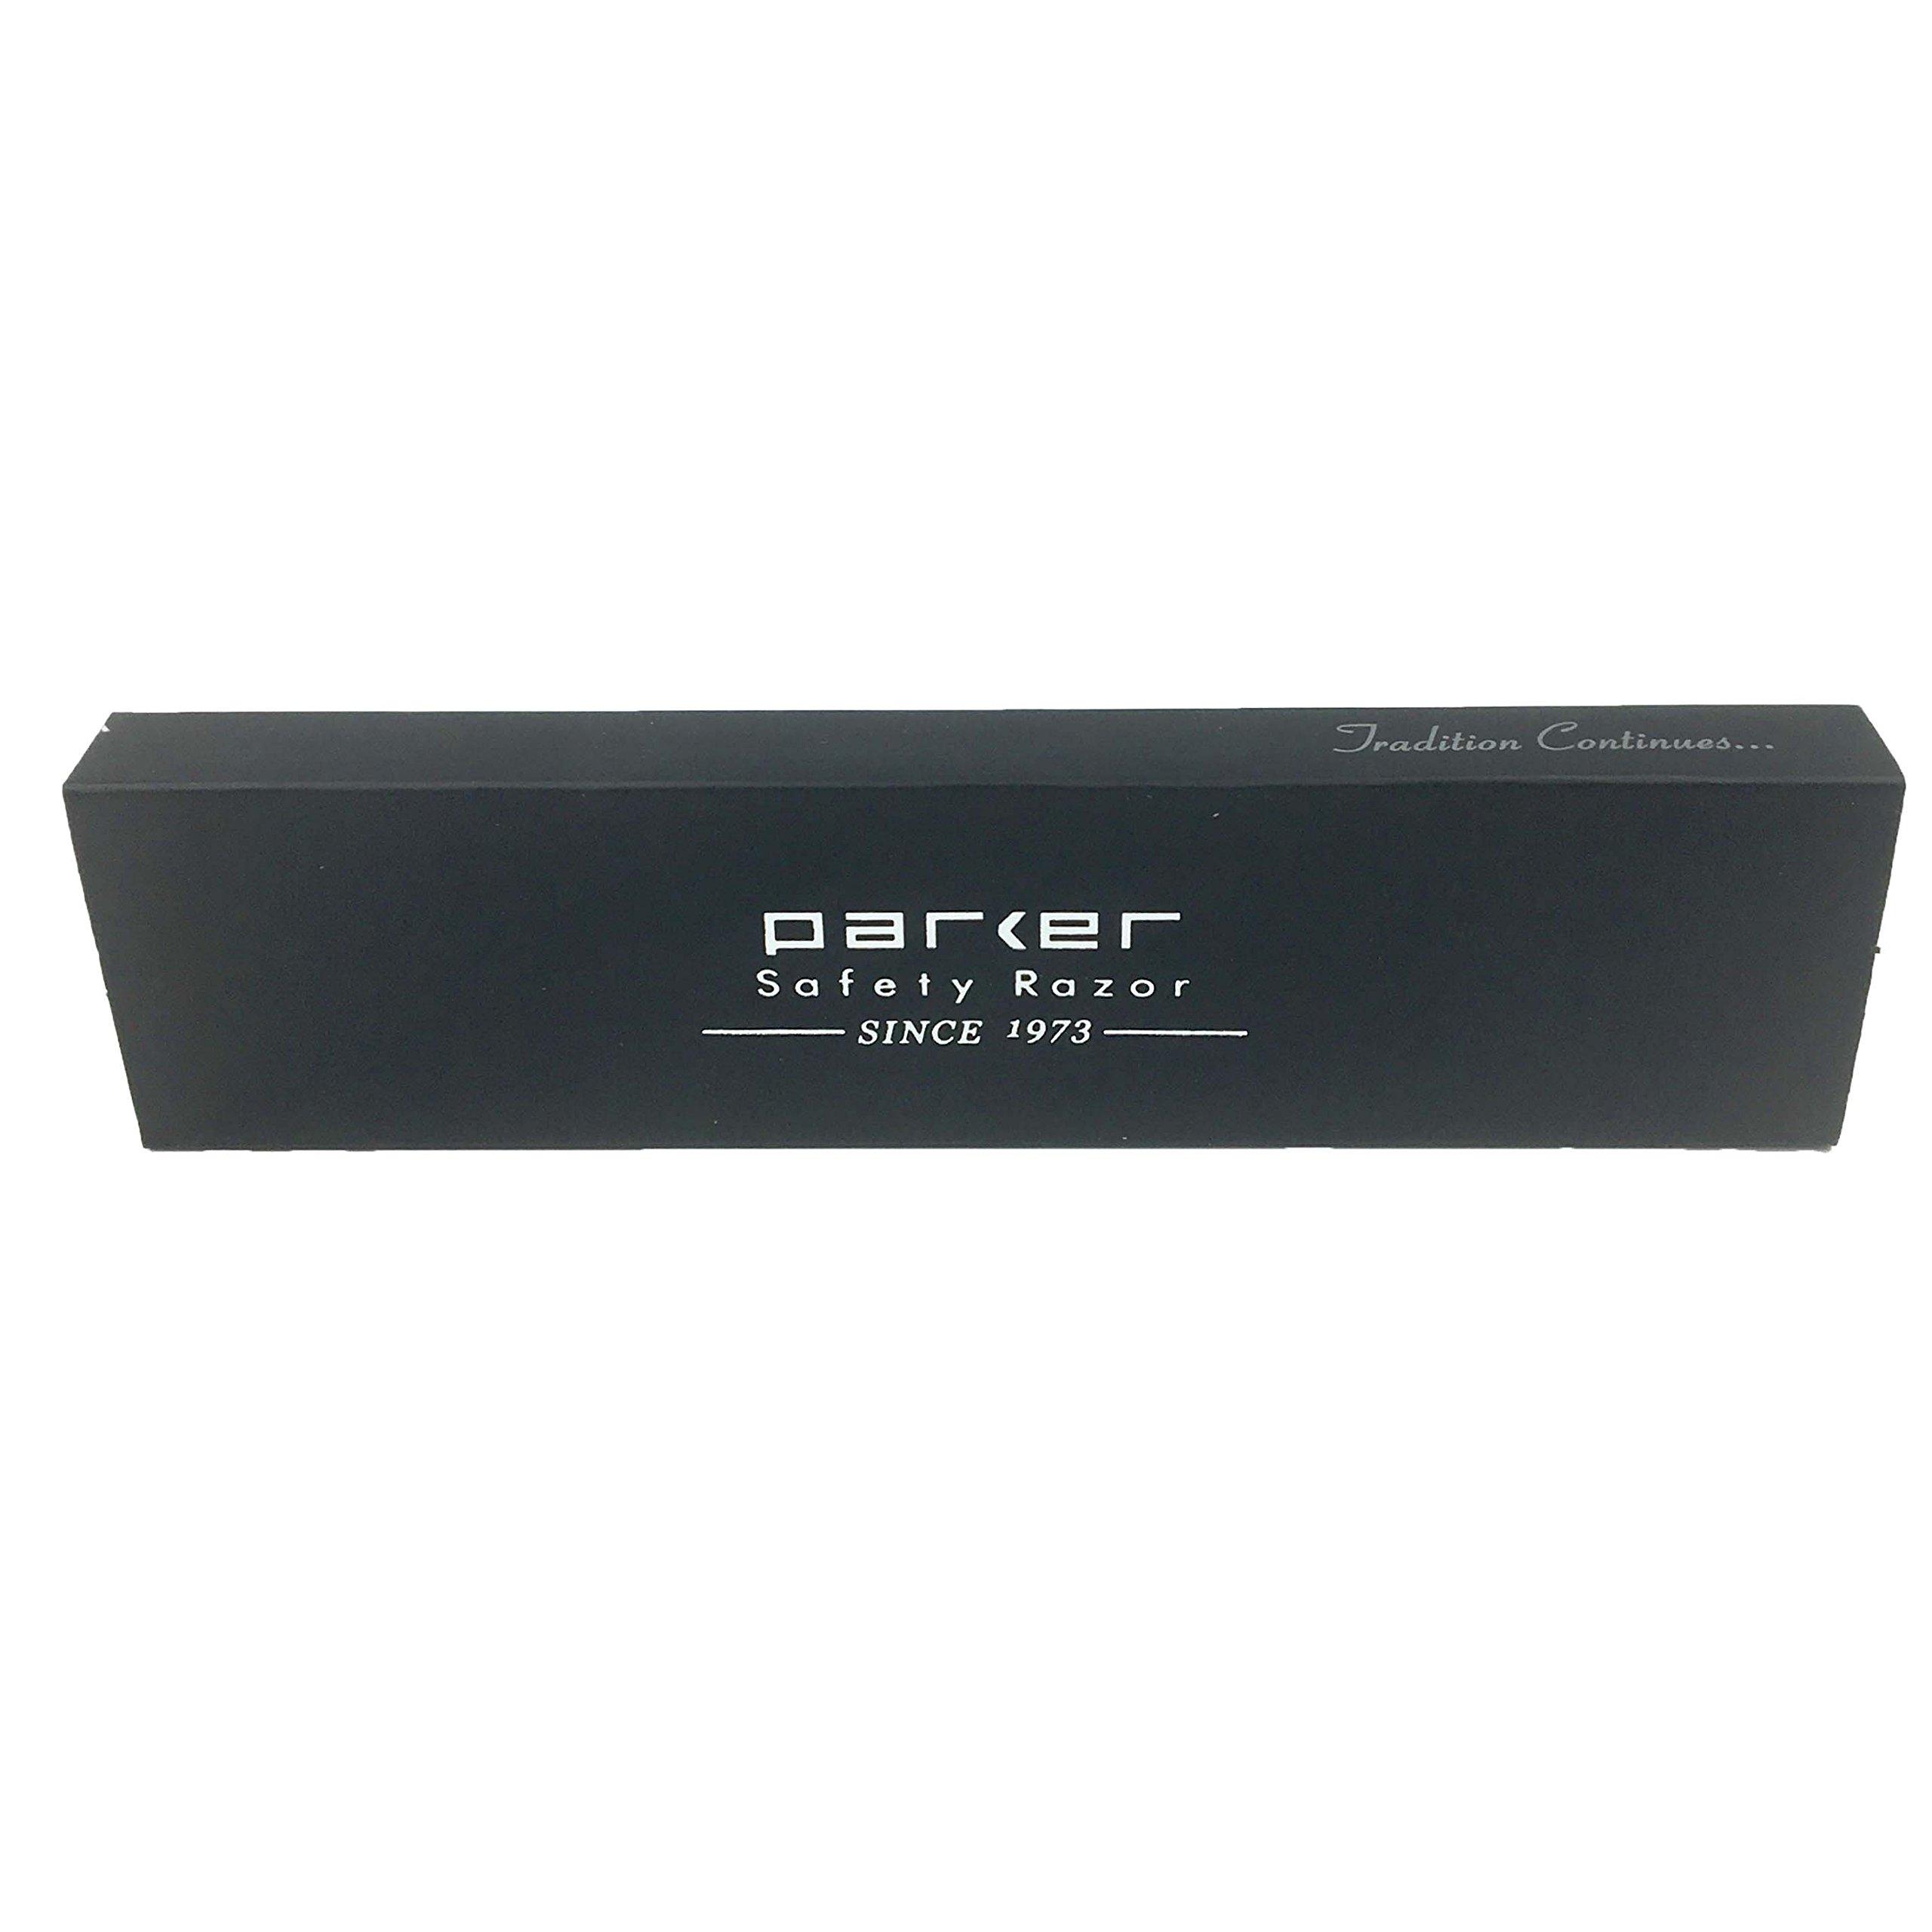 Parker SR1 Stainless Steel Straight Edge Barber Razor and 5 Shark Super Stainless blades